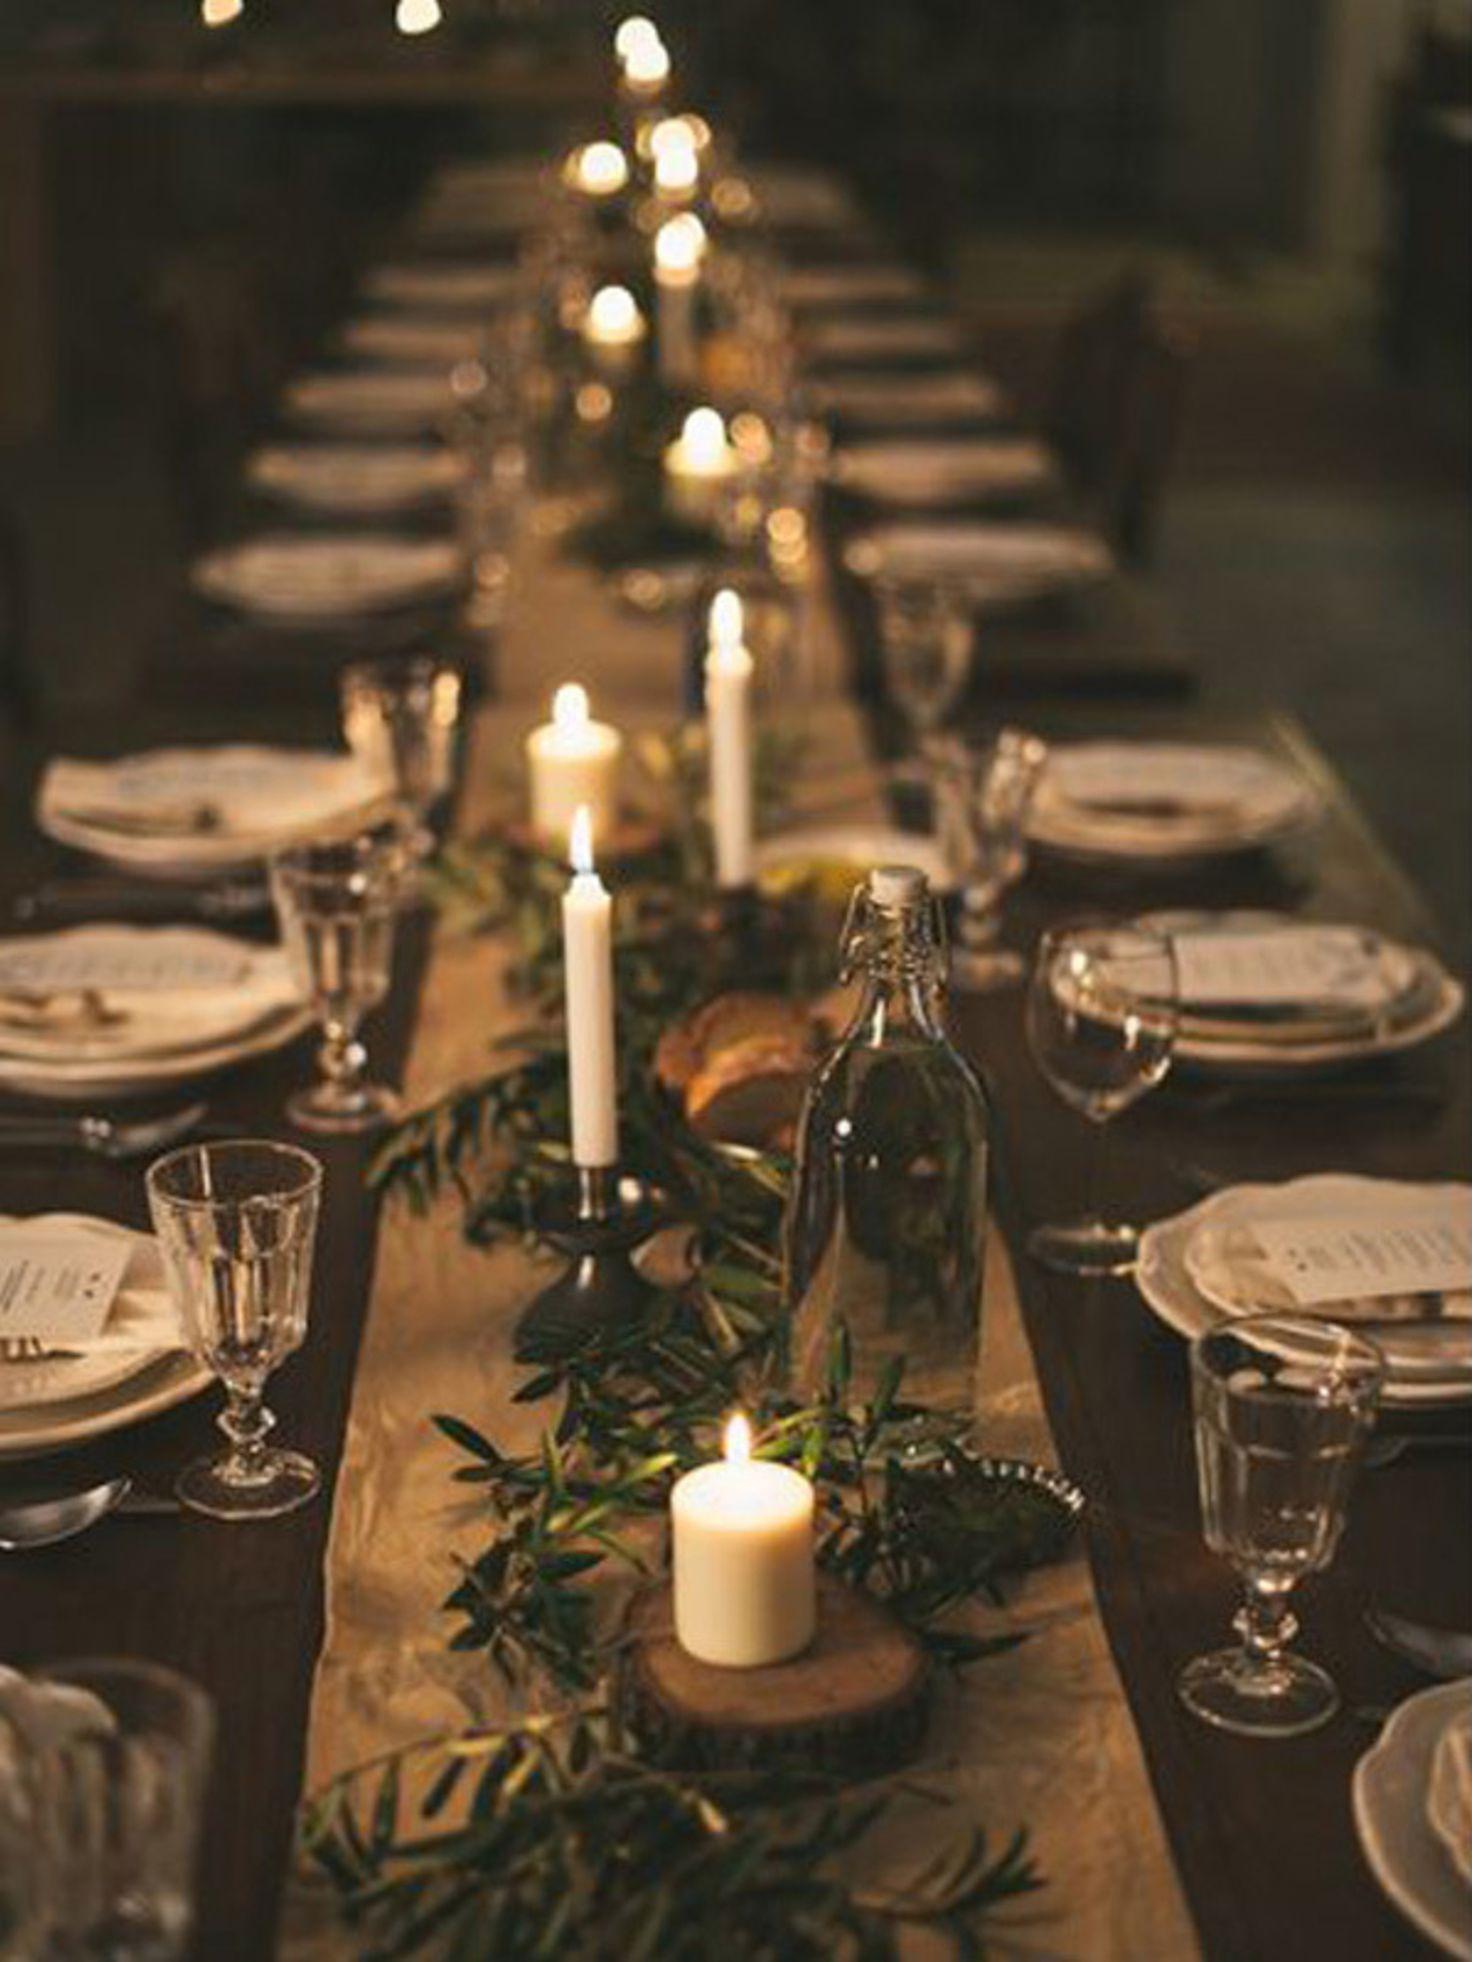 Showstoppers Coole Kersttafels Kerst Tafel Sierstukken Bruiloft Tafel Pronkstukken Kerstdiner Tafels